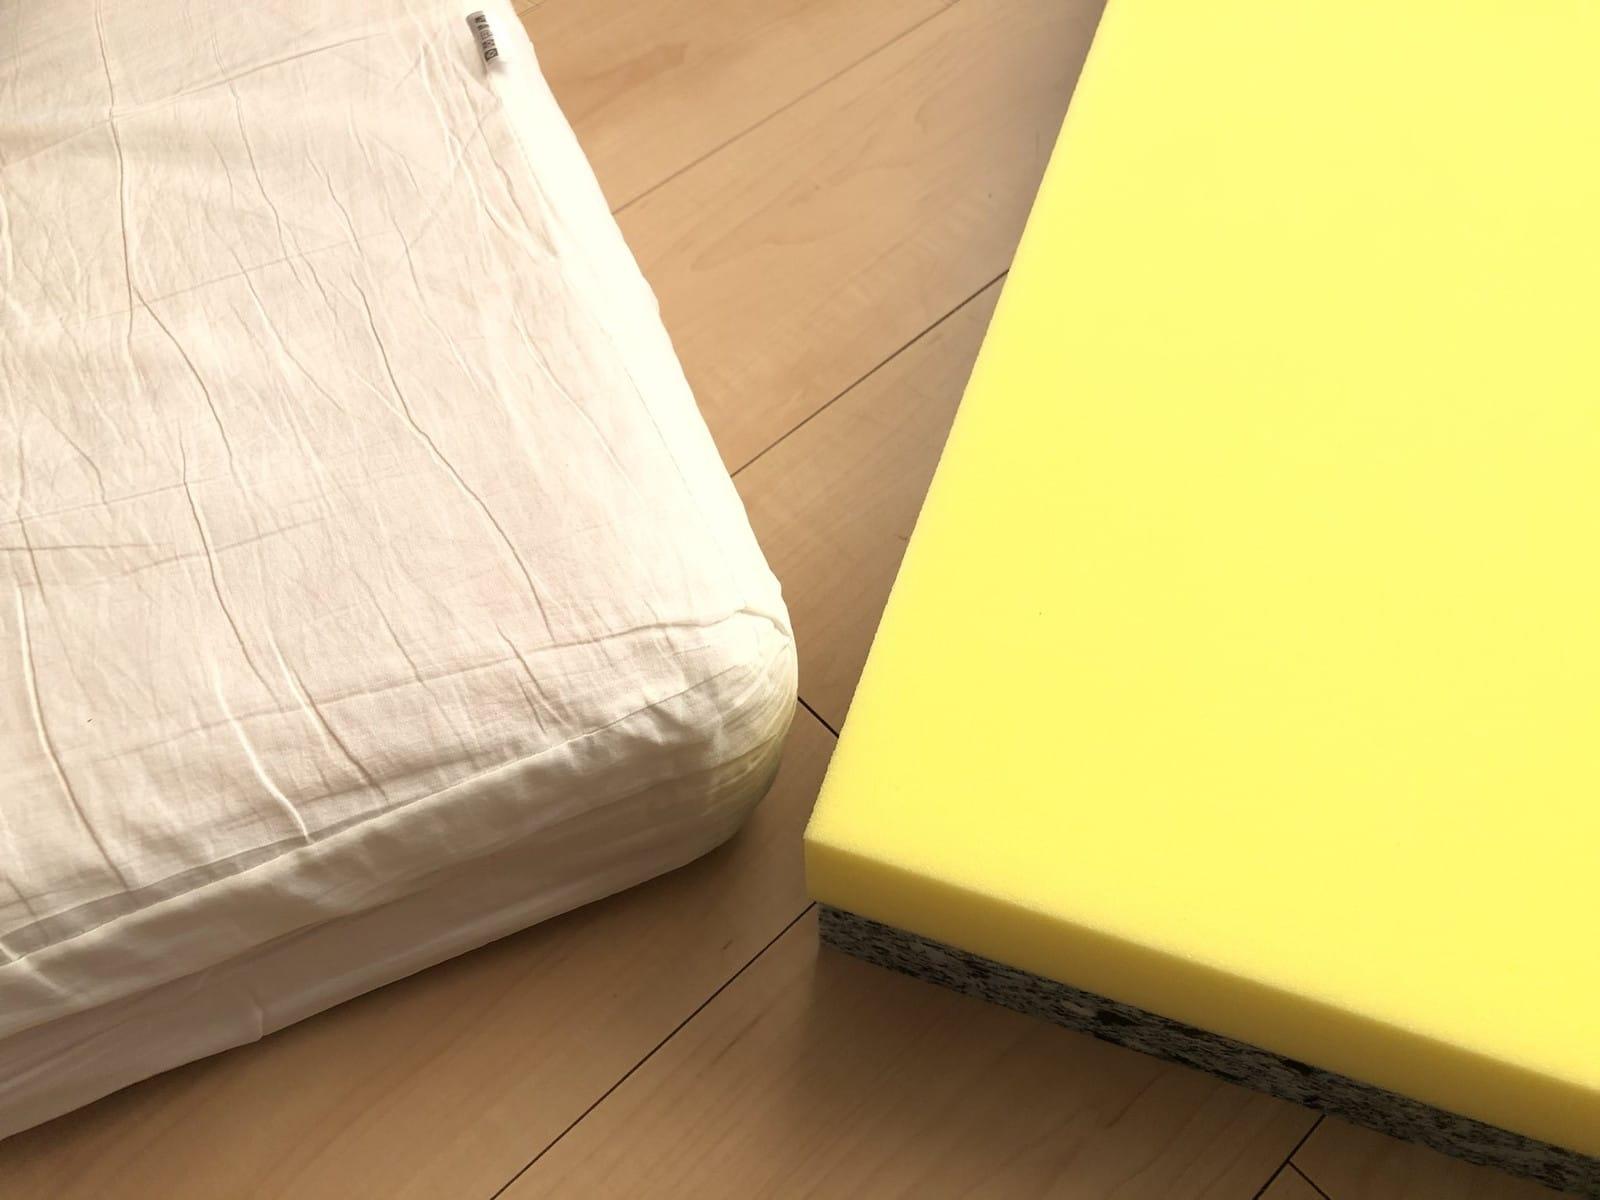 左がカバーを外した状態のソファーの中身